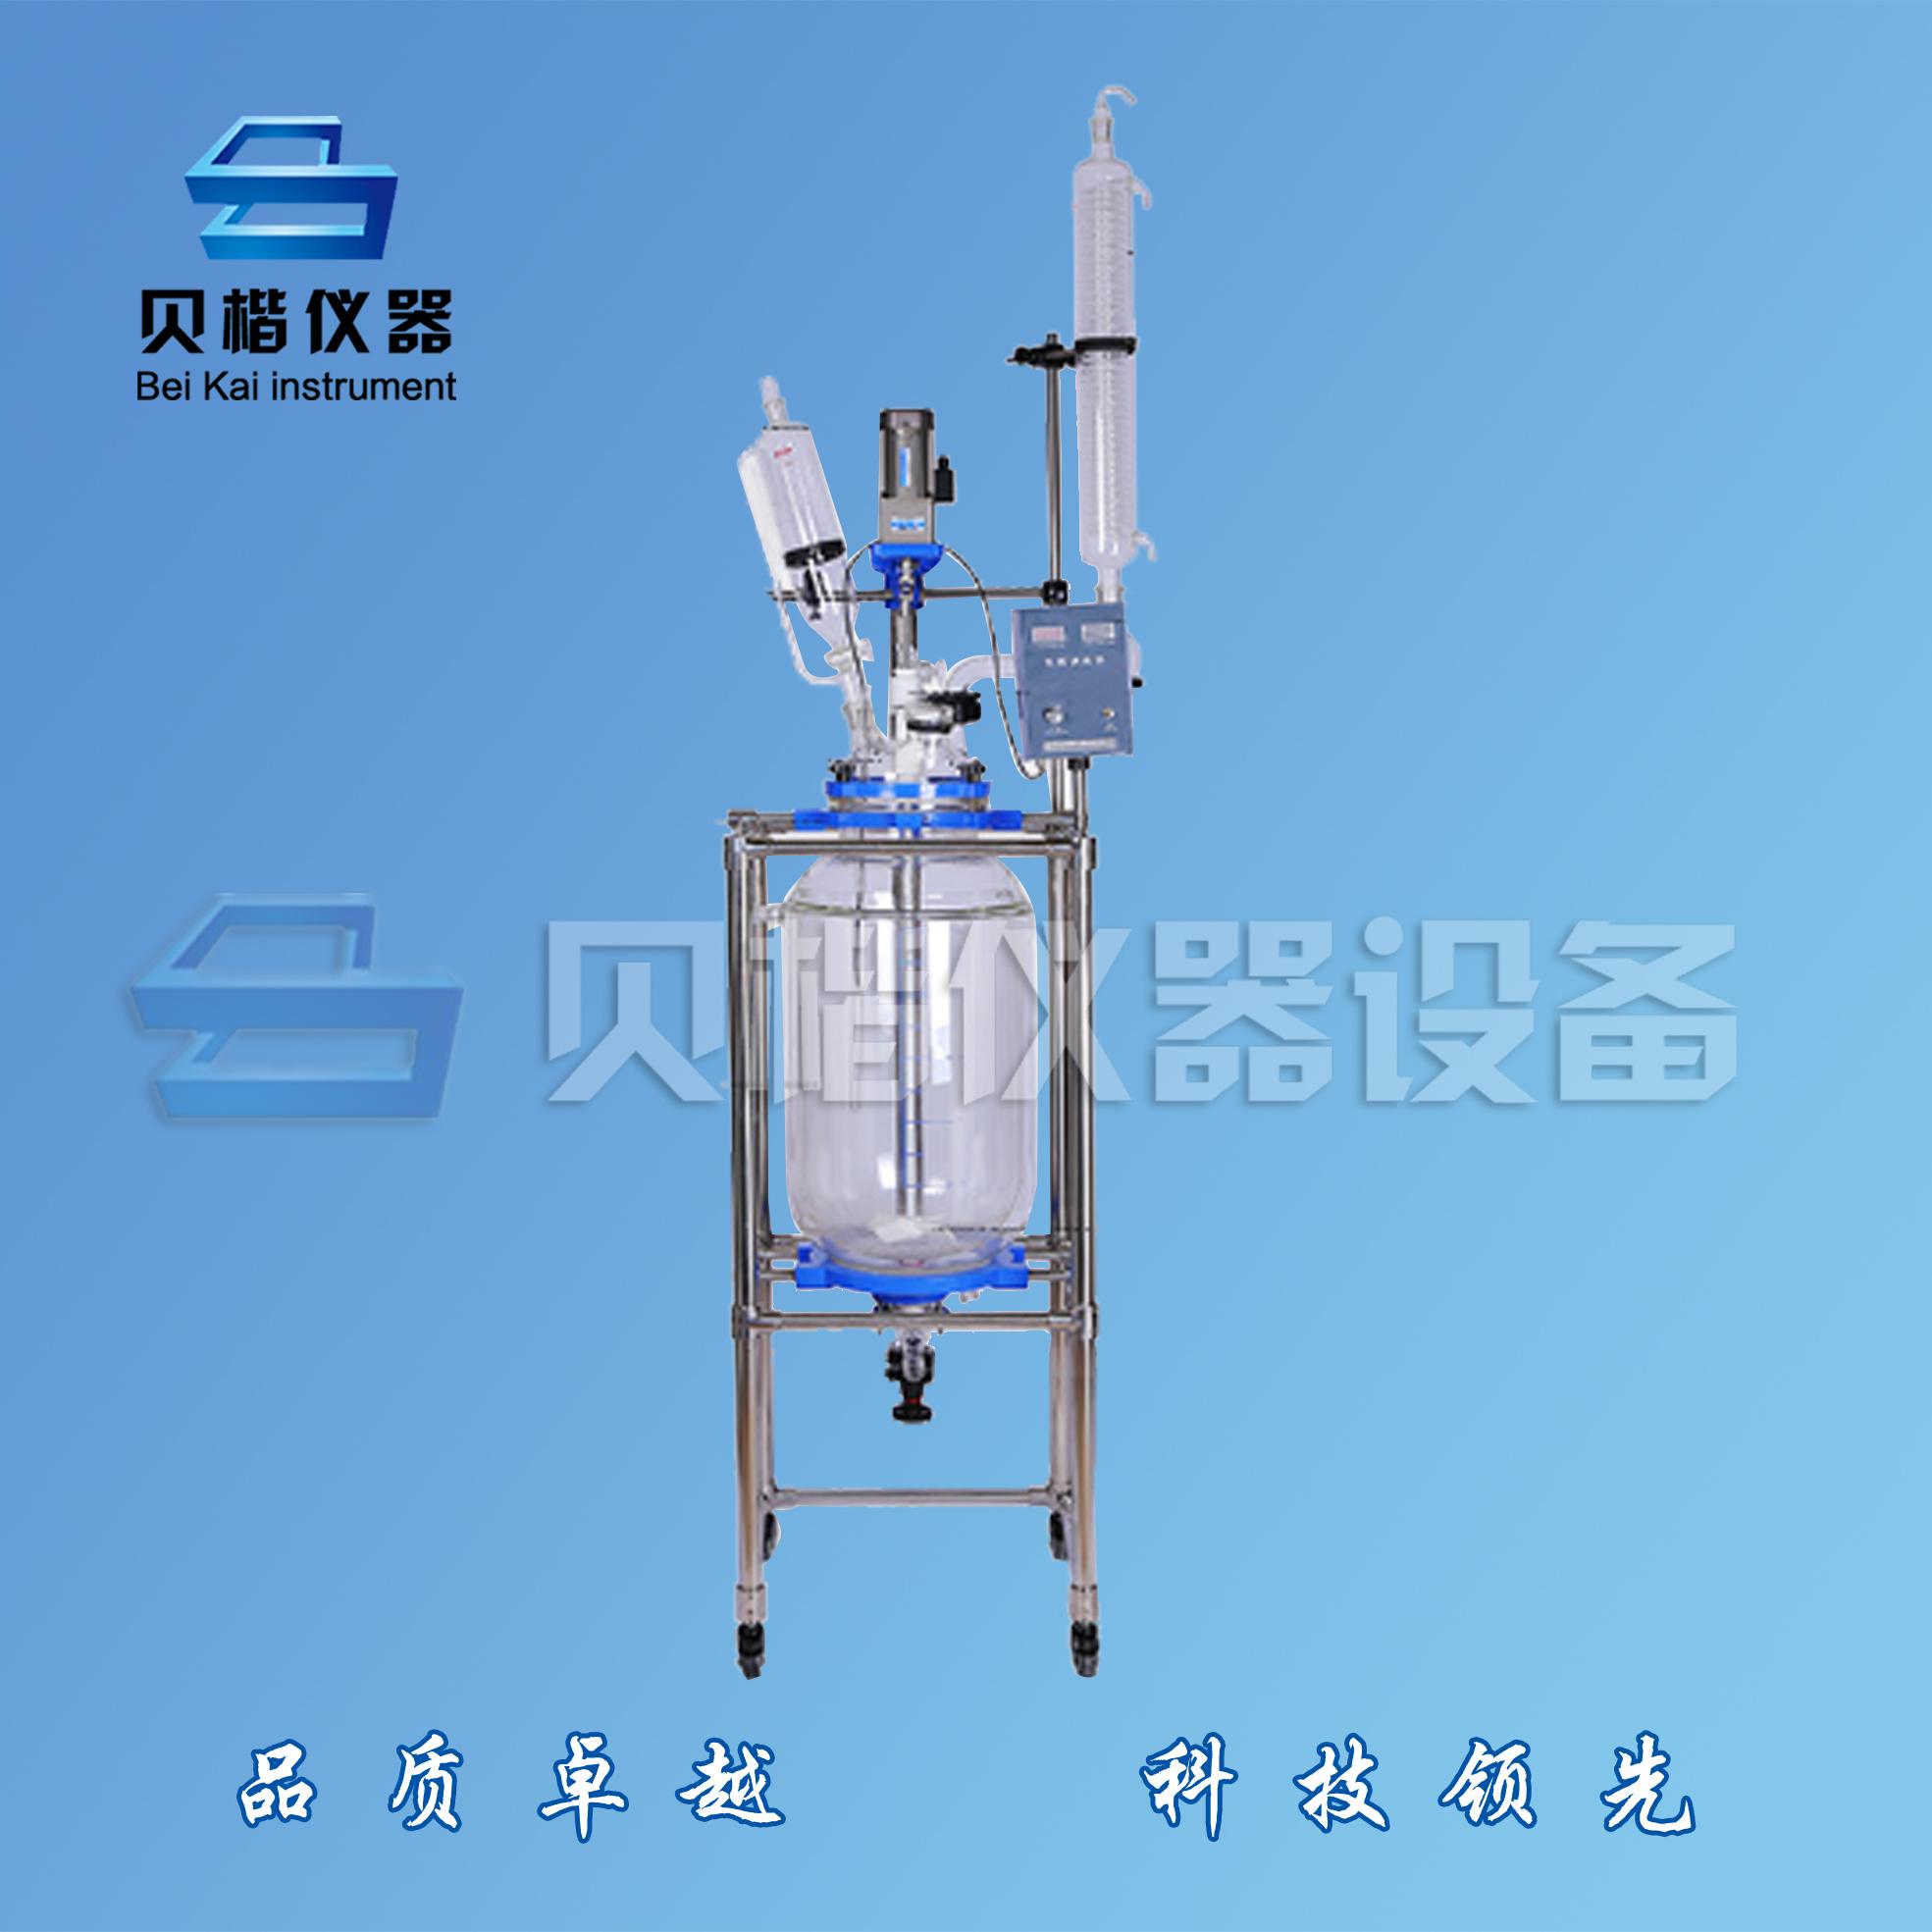 玻璃反应釜高温加热 郑州贝楷单层玻璃反应釜年底促销